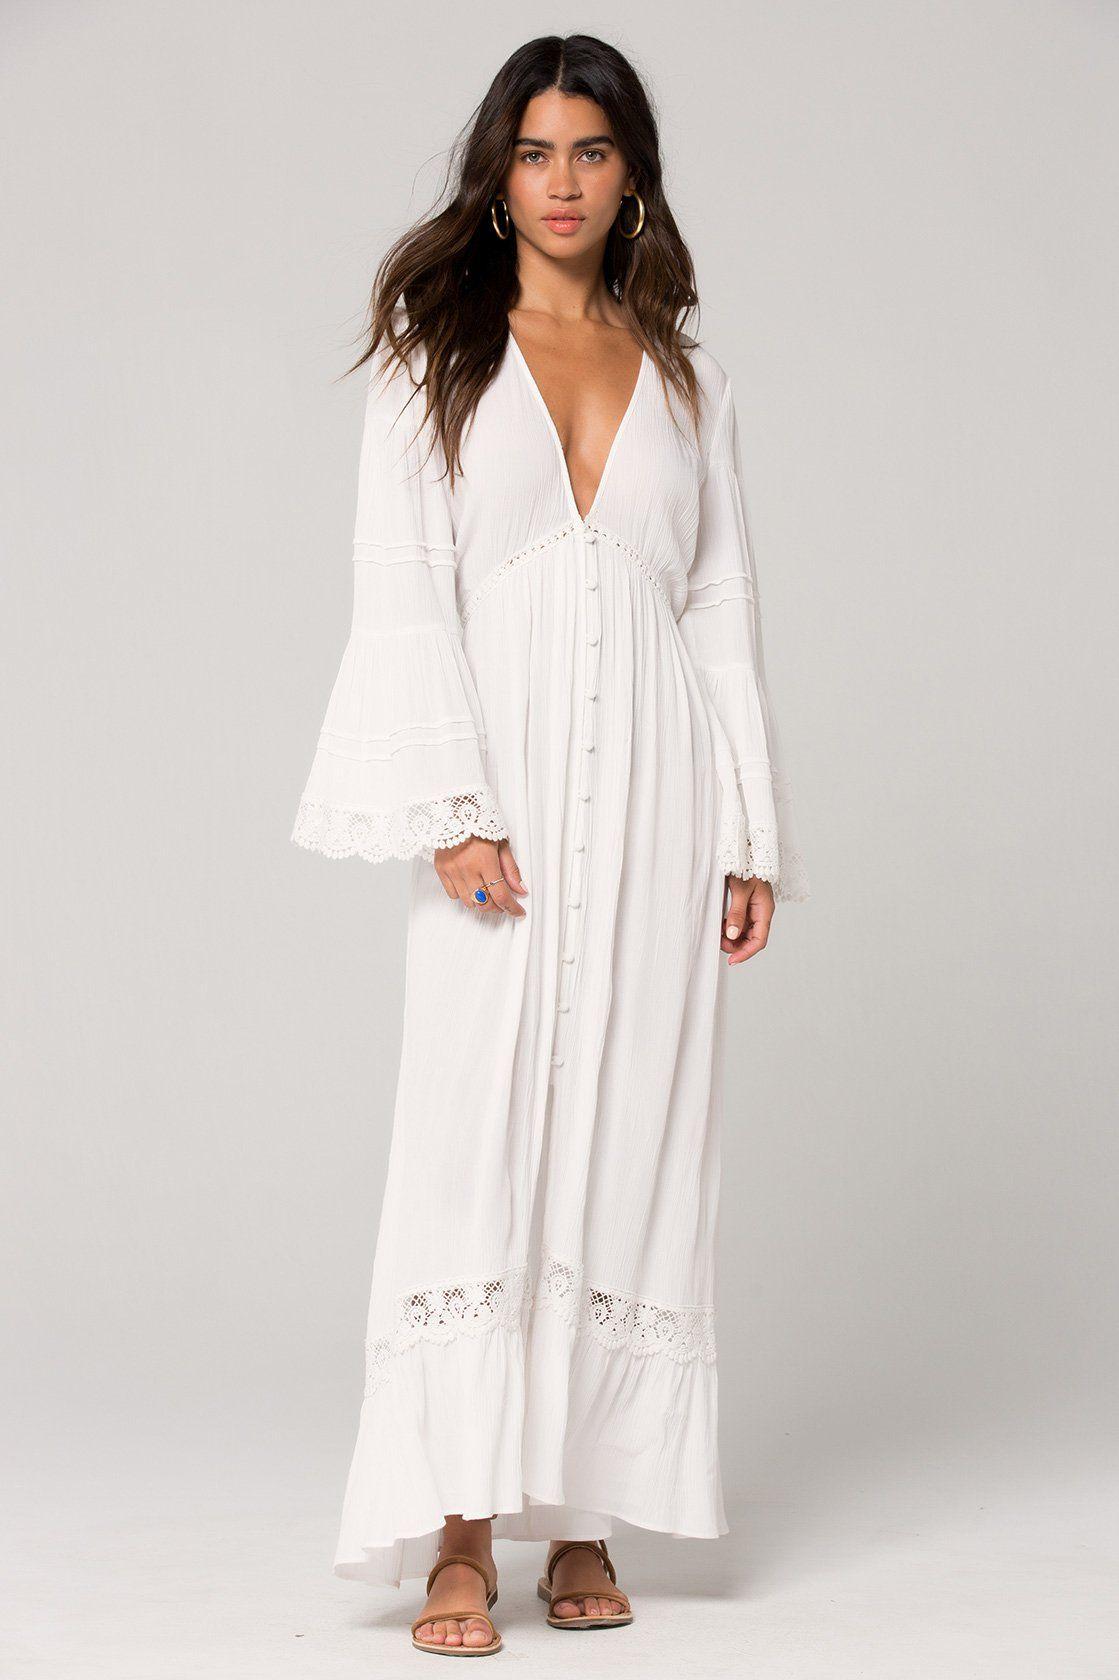 Baja Lace Duster Maxi Dress White Maxi Dress Boho Maxi Dress White Lace Maxi Dress [ 1680 x 1119 Pixel ]